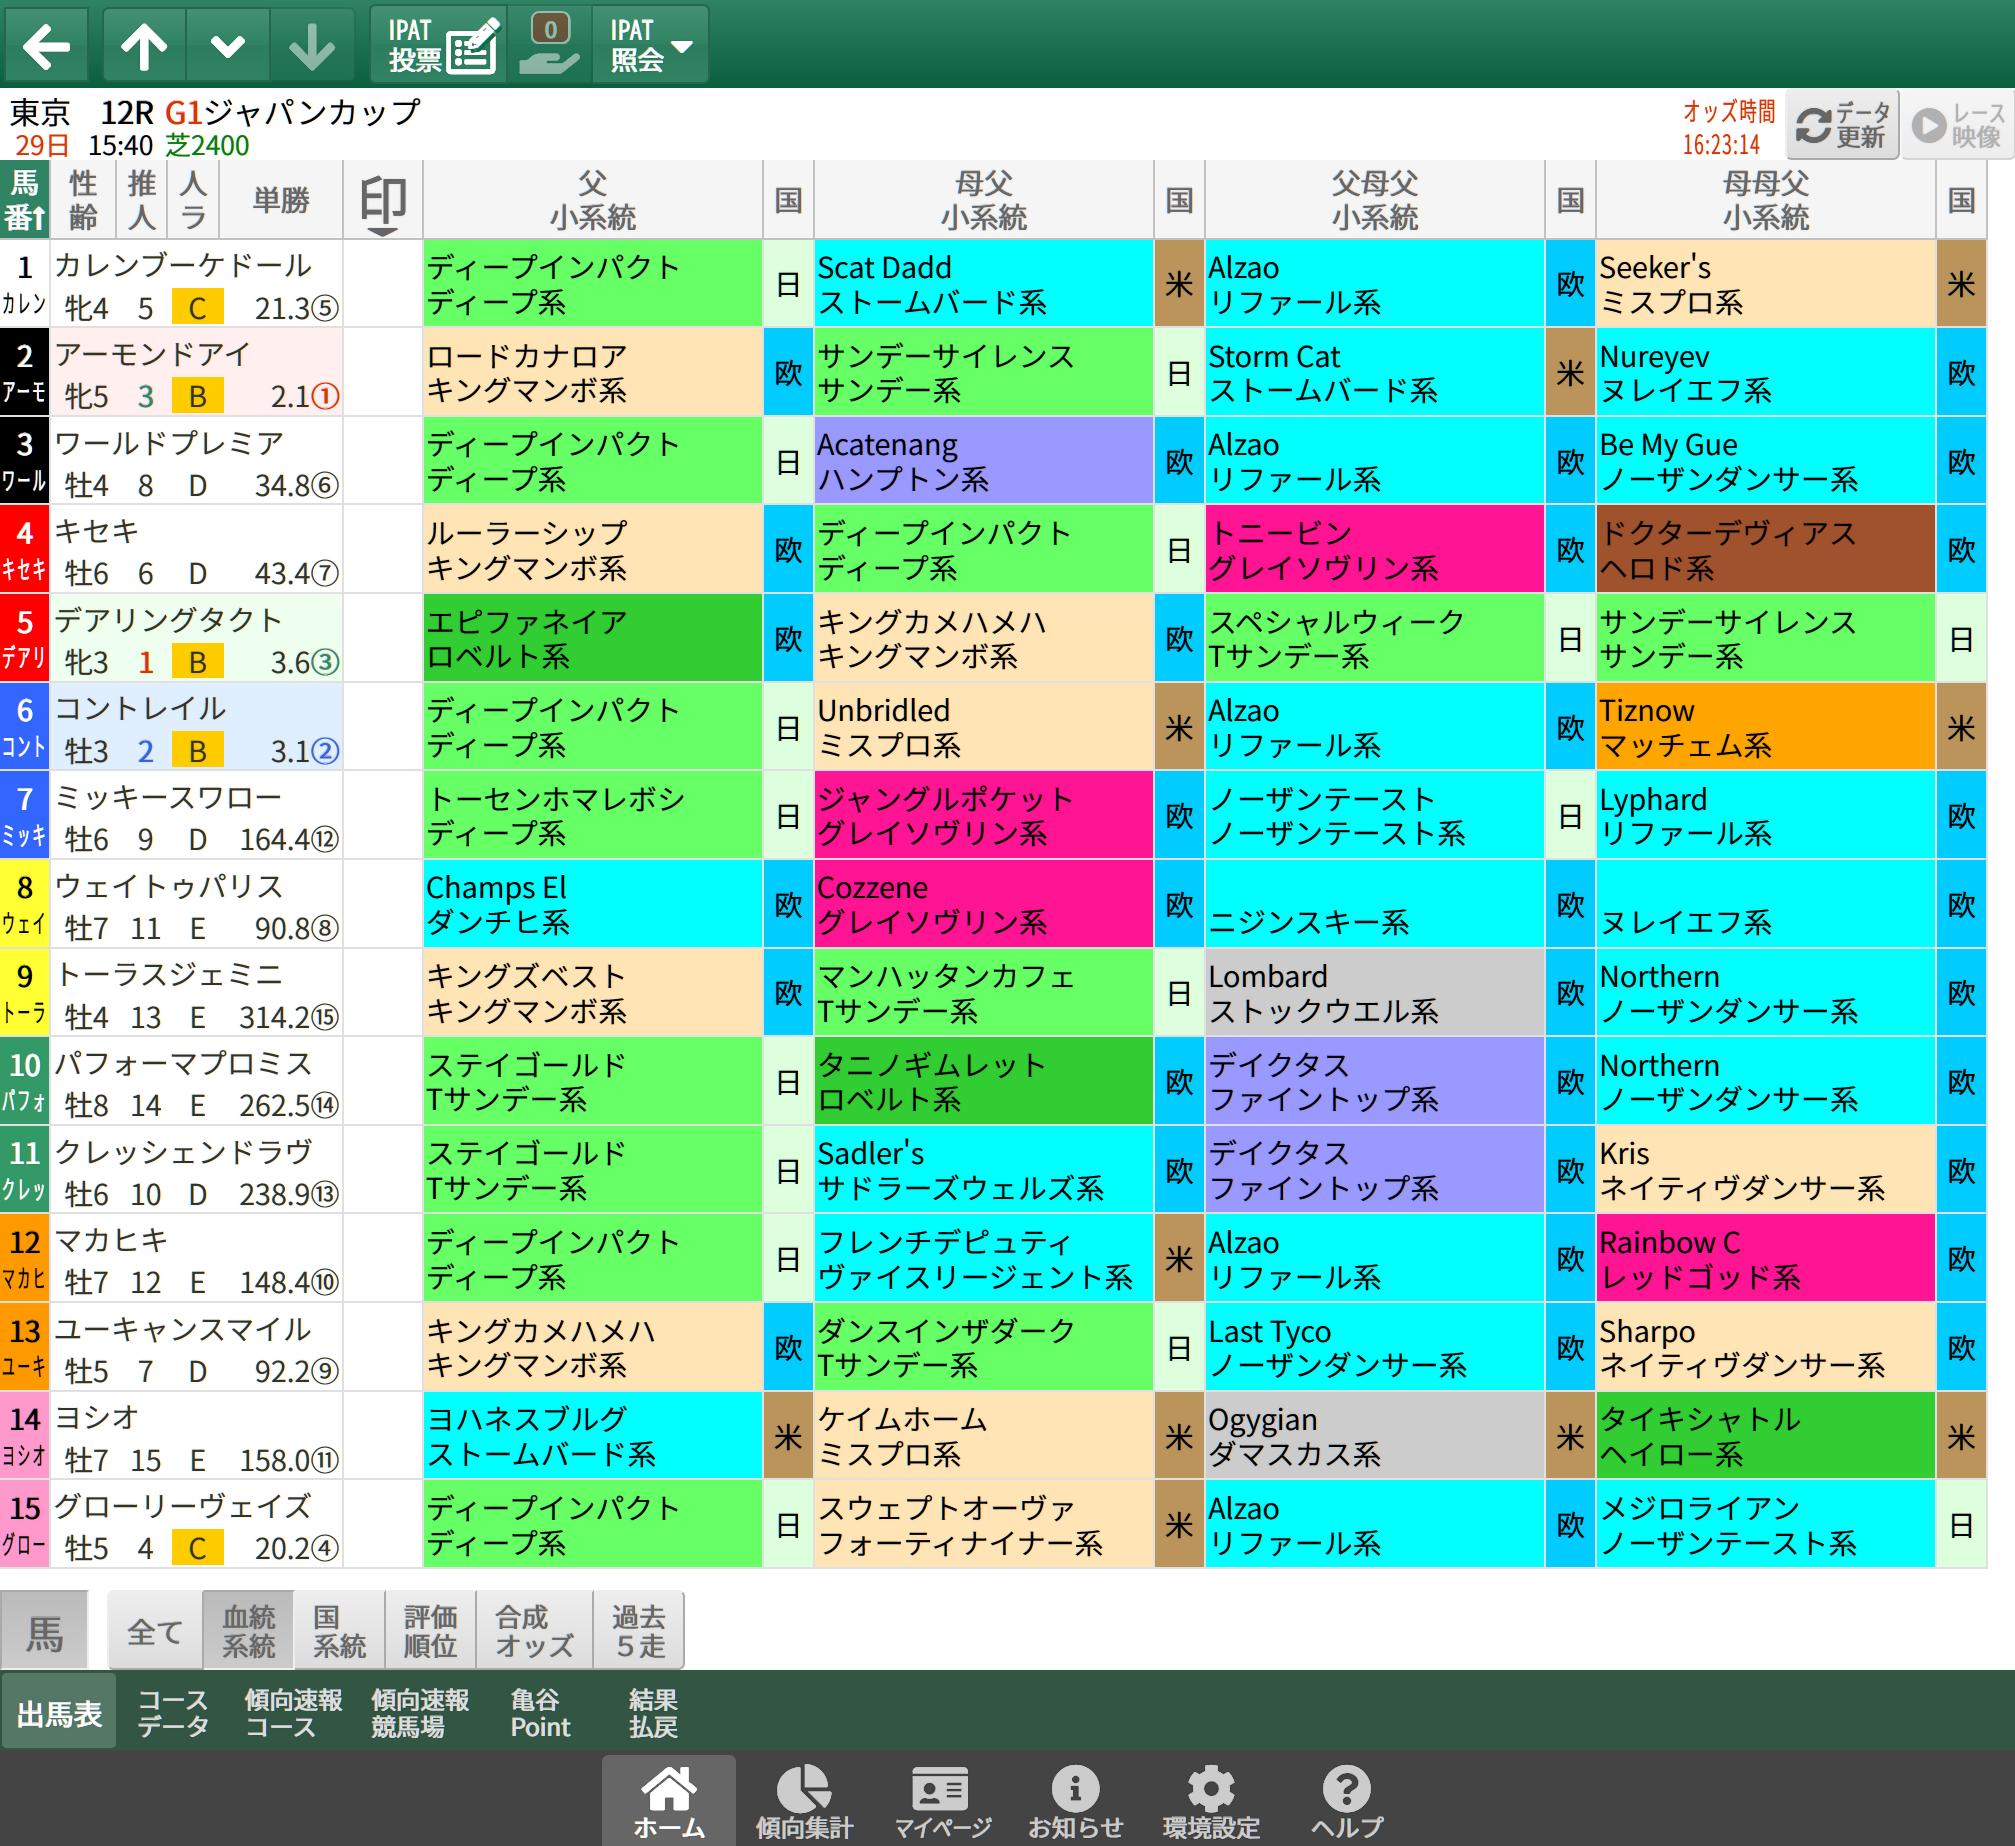 【無料公開】ジャパンC / 亀谷サロン限定公開中のスマート出馬表・次期バージョン